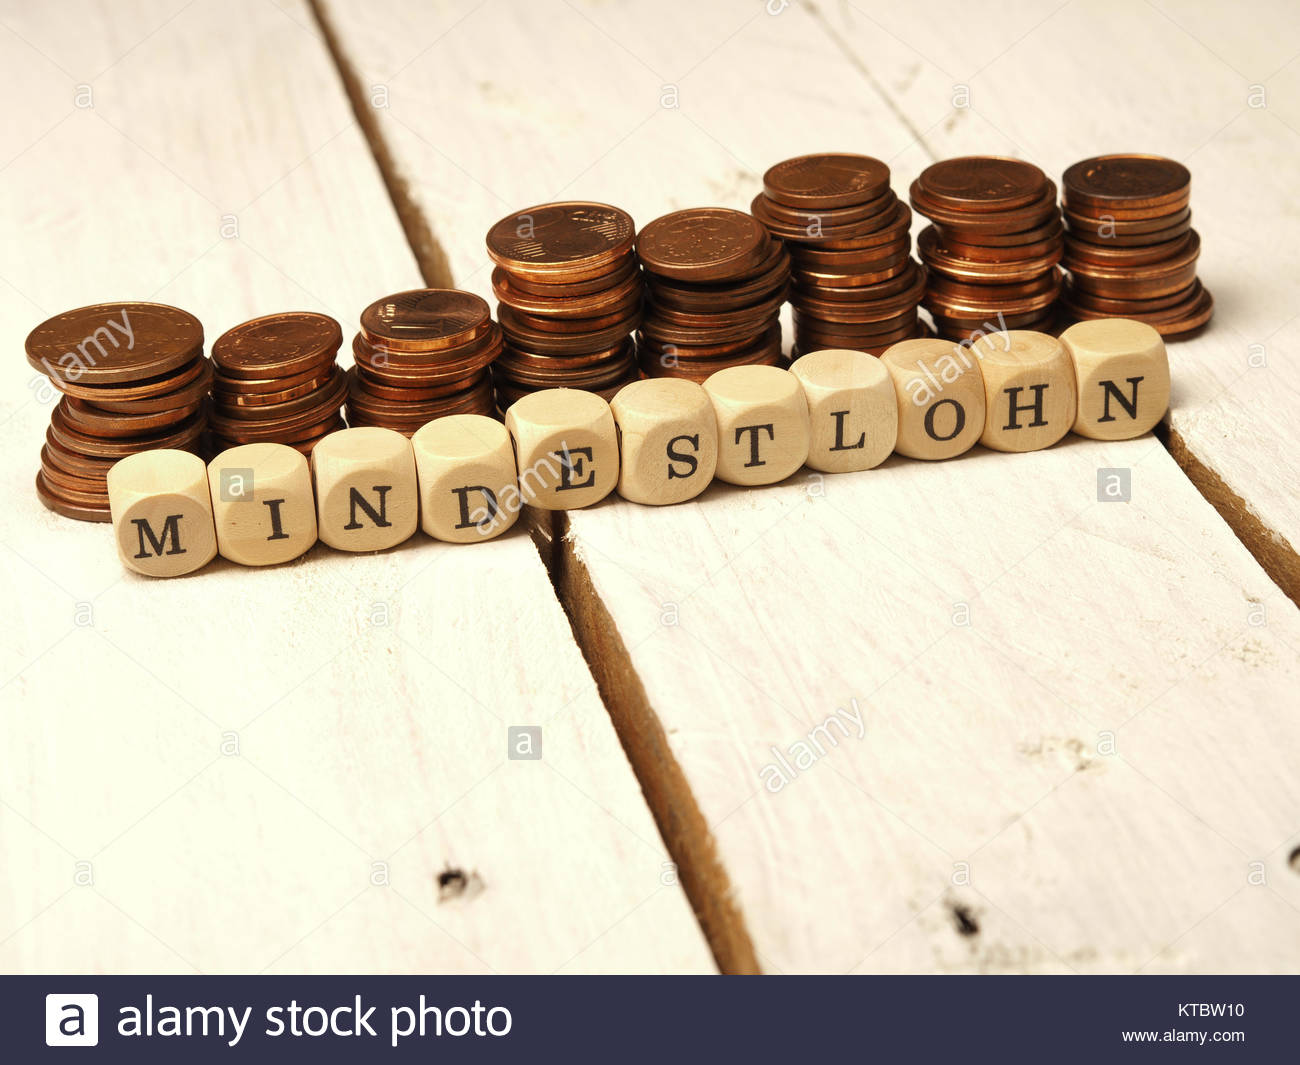 Mindestlohn Konzept mit Holzwürfeln und Kleingeld als Geldstapel - Stock Image